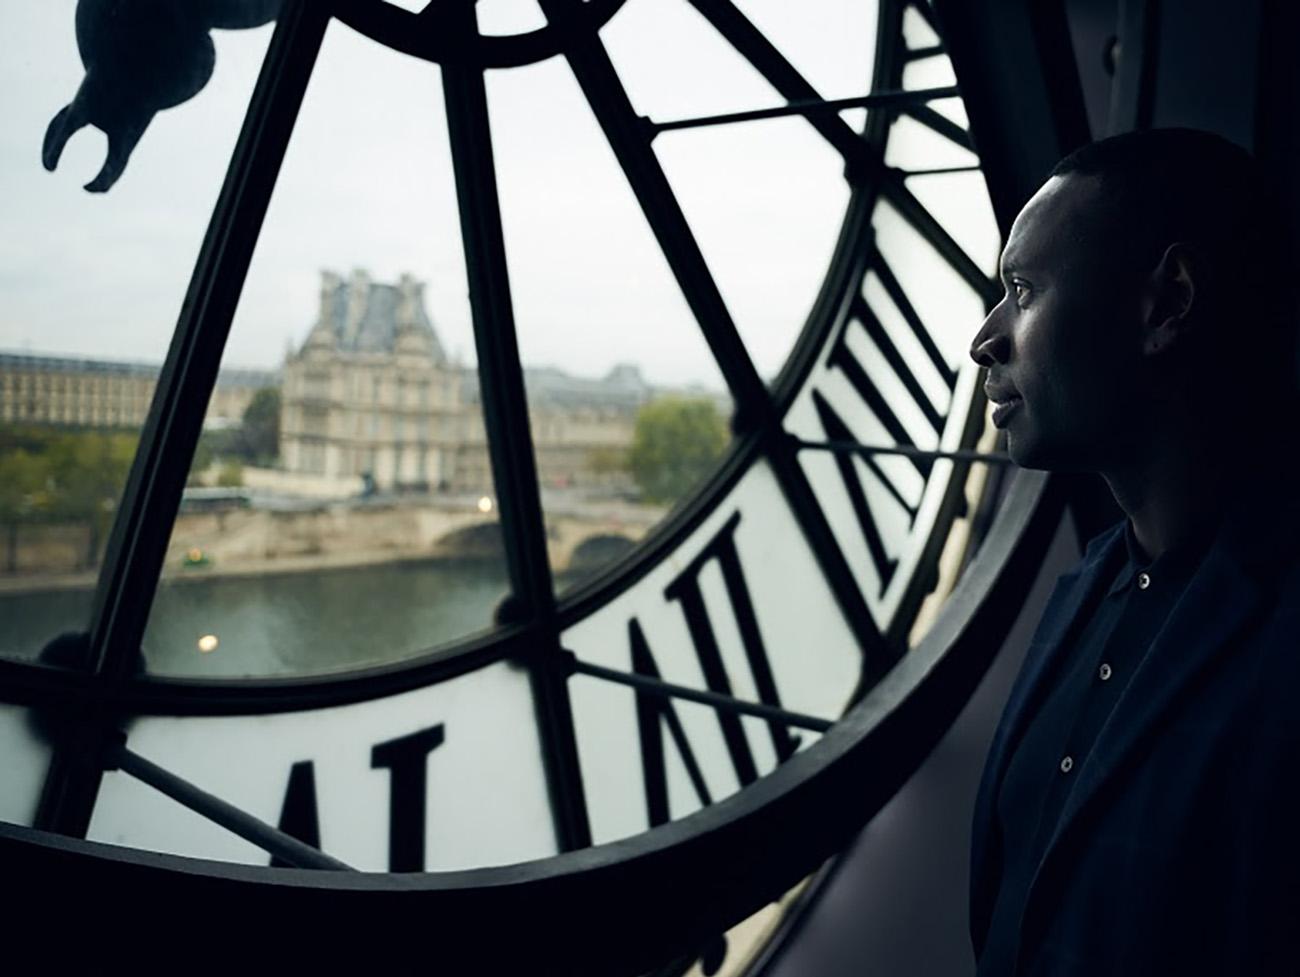 Netflix: Όλες οι πρωτότυπες σειρές,  ταινίες και ντοκιμαντέρ που μπορείτε να δείτε τον Ιούνιο